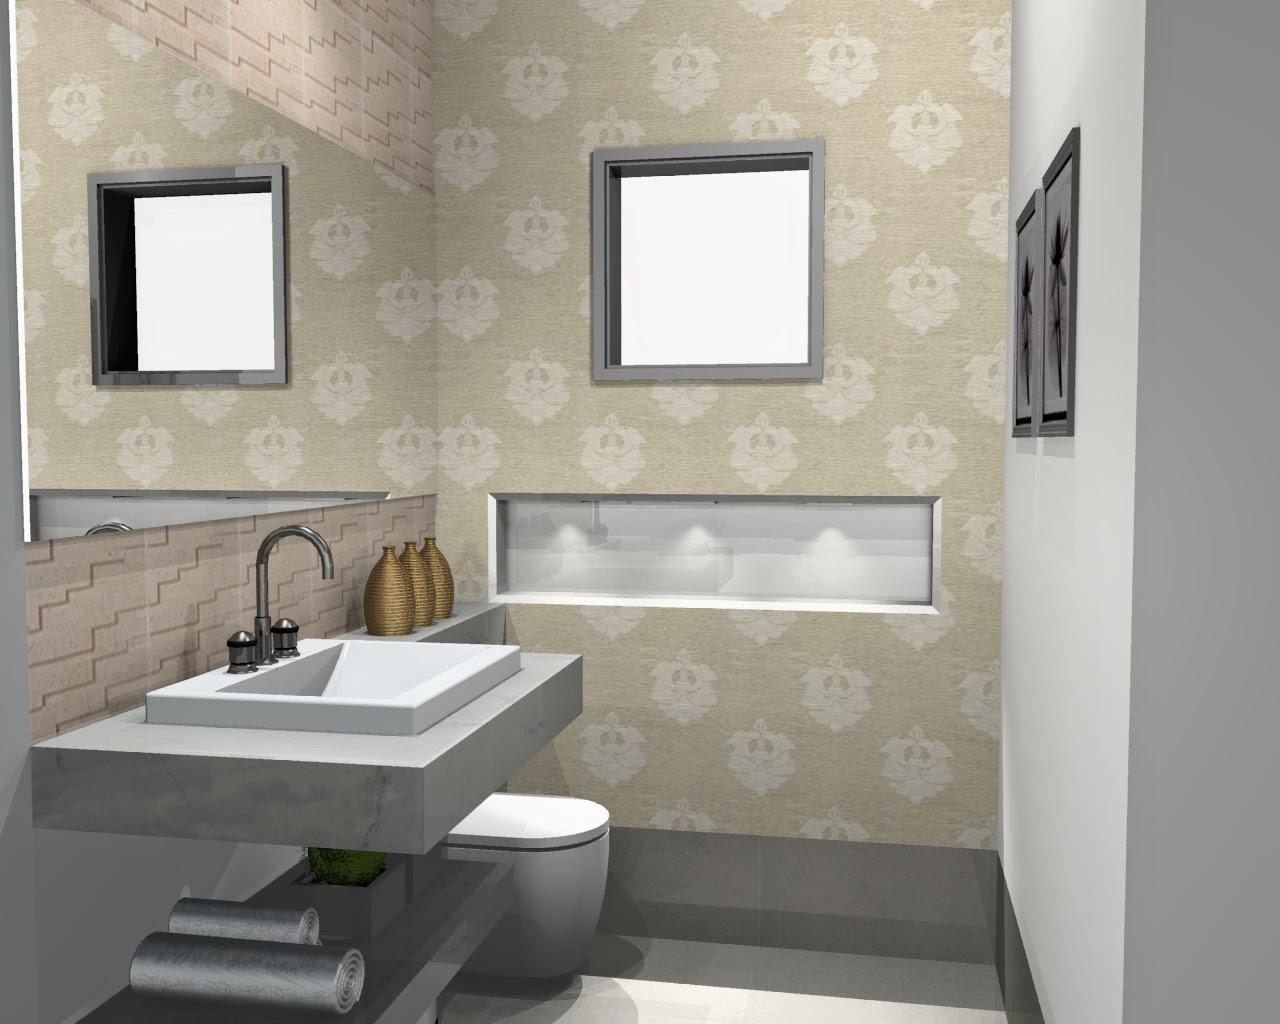 BANHEIRO 7: Na verdade lavabo de área gourmet. #786F53 1280x1024 Banheiro Com Nicho Na Parede